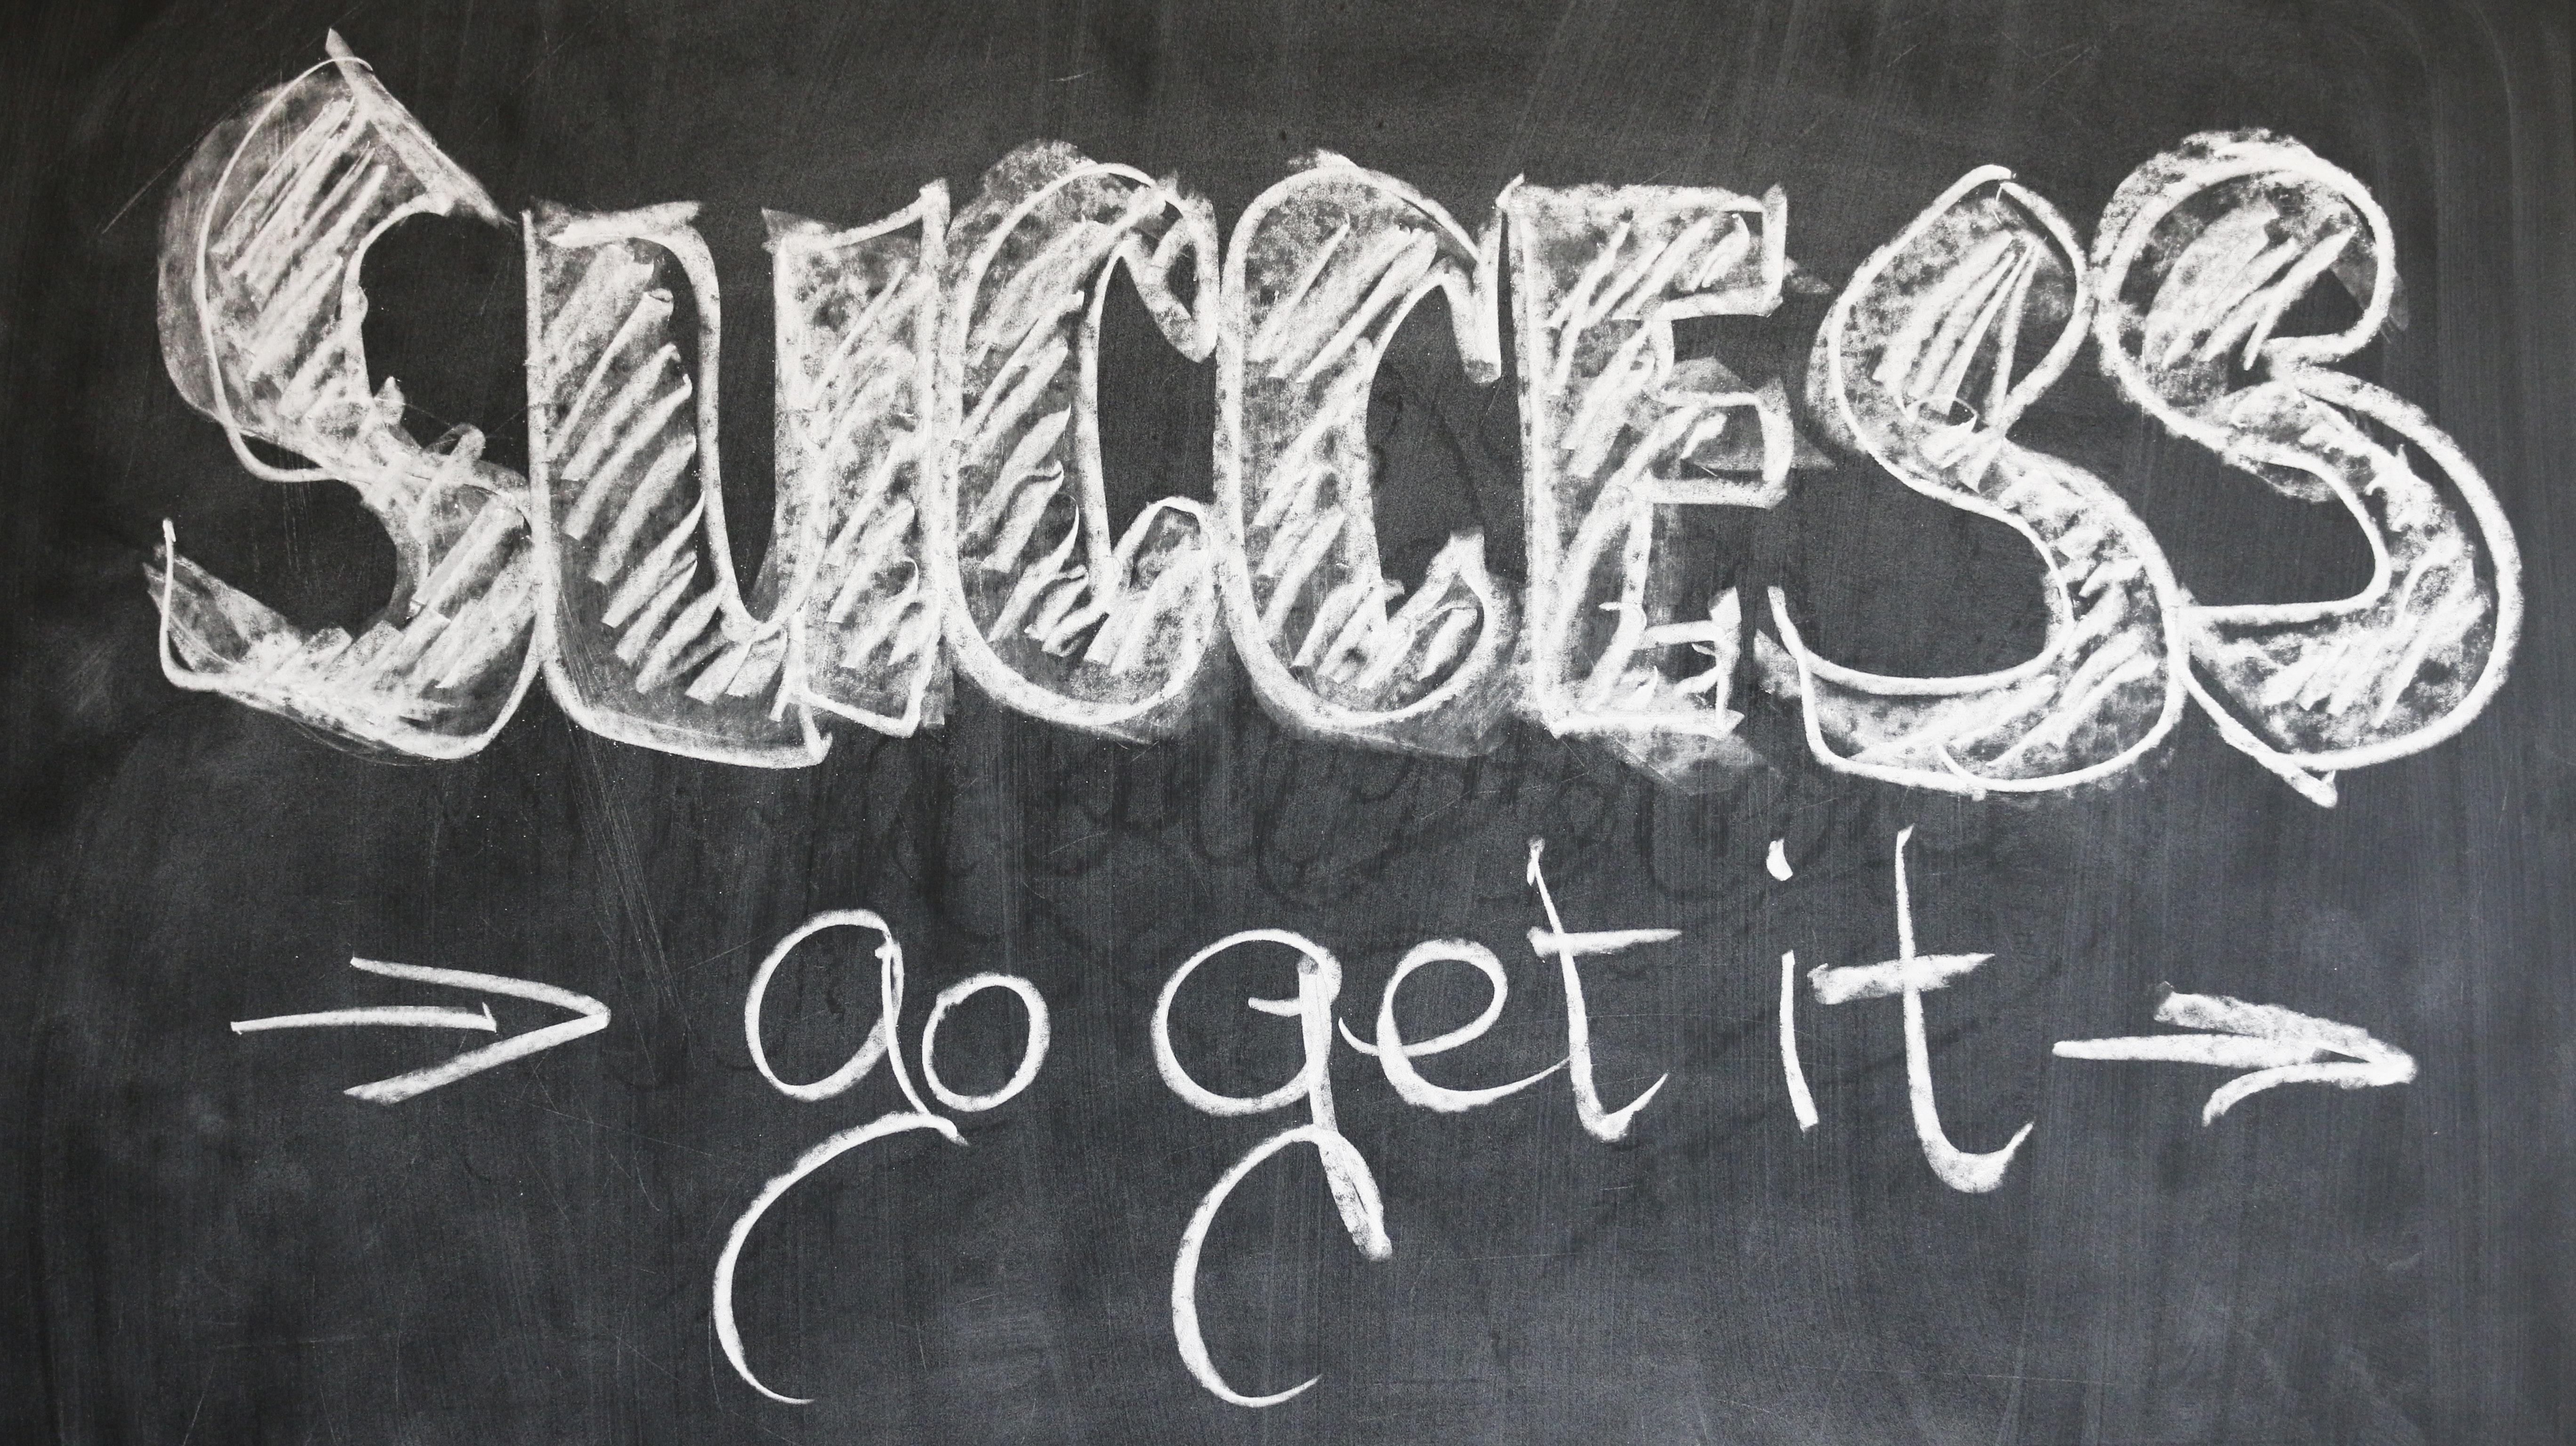 黒板に「SUCCESS go get it」の文字